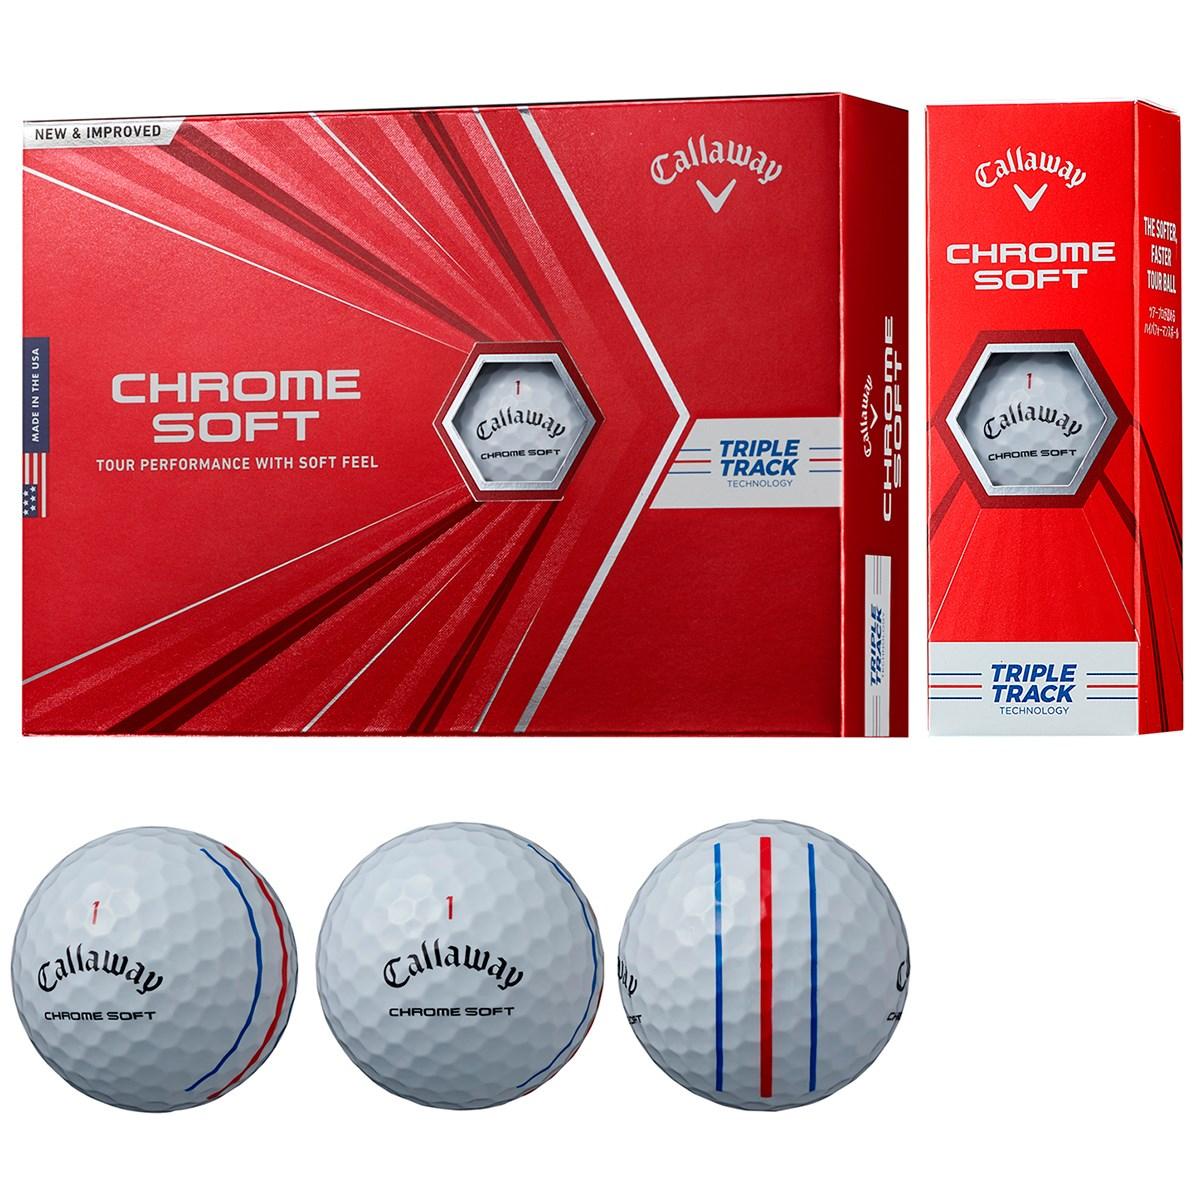 キャロウェイゴルフ CHROM SOFT CHROME SOFT ボール 1ダース(12個入り) ホワイト(トリプルトラック)